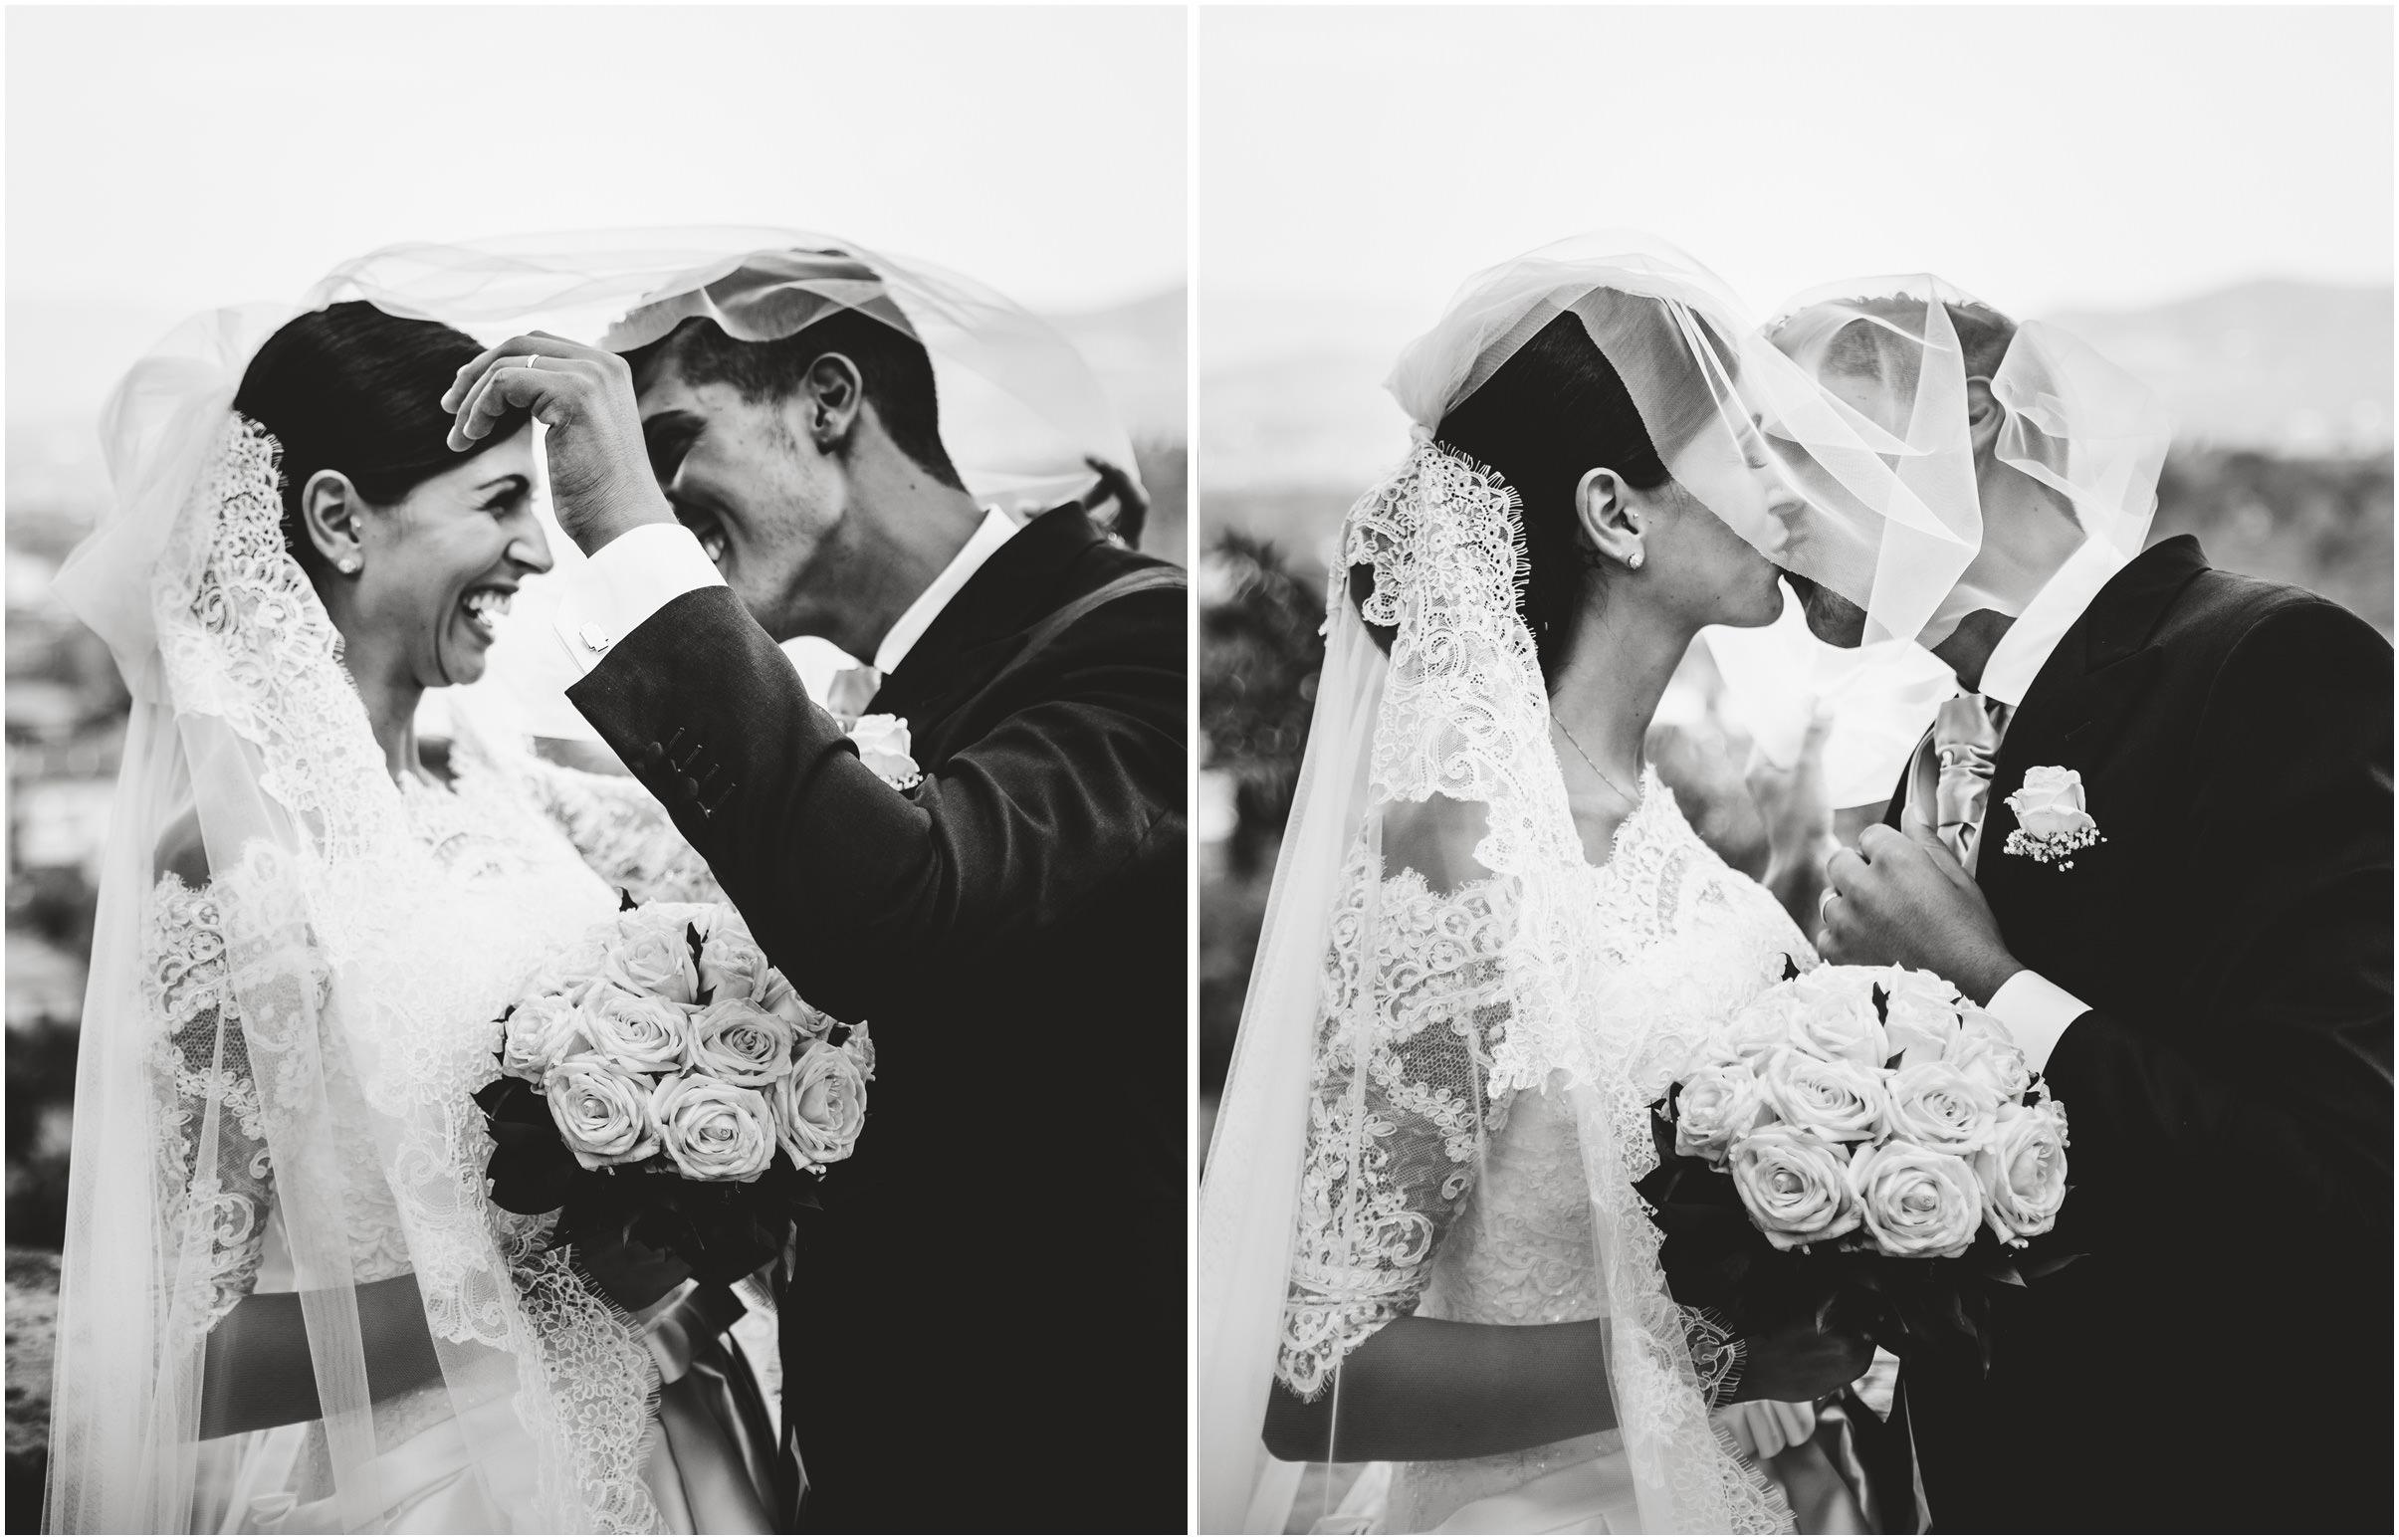 WEDDING-PHOTOGRAPHY-SARA-LORENZONI-FOTOGRAFIA-MATRIMONIO-AREZZO-TUSCANY-EVENTO-LE-SPOSE-DI-GIANNI-ELISA-LUCA033